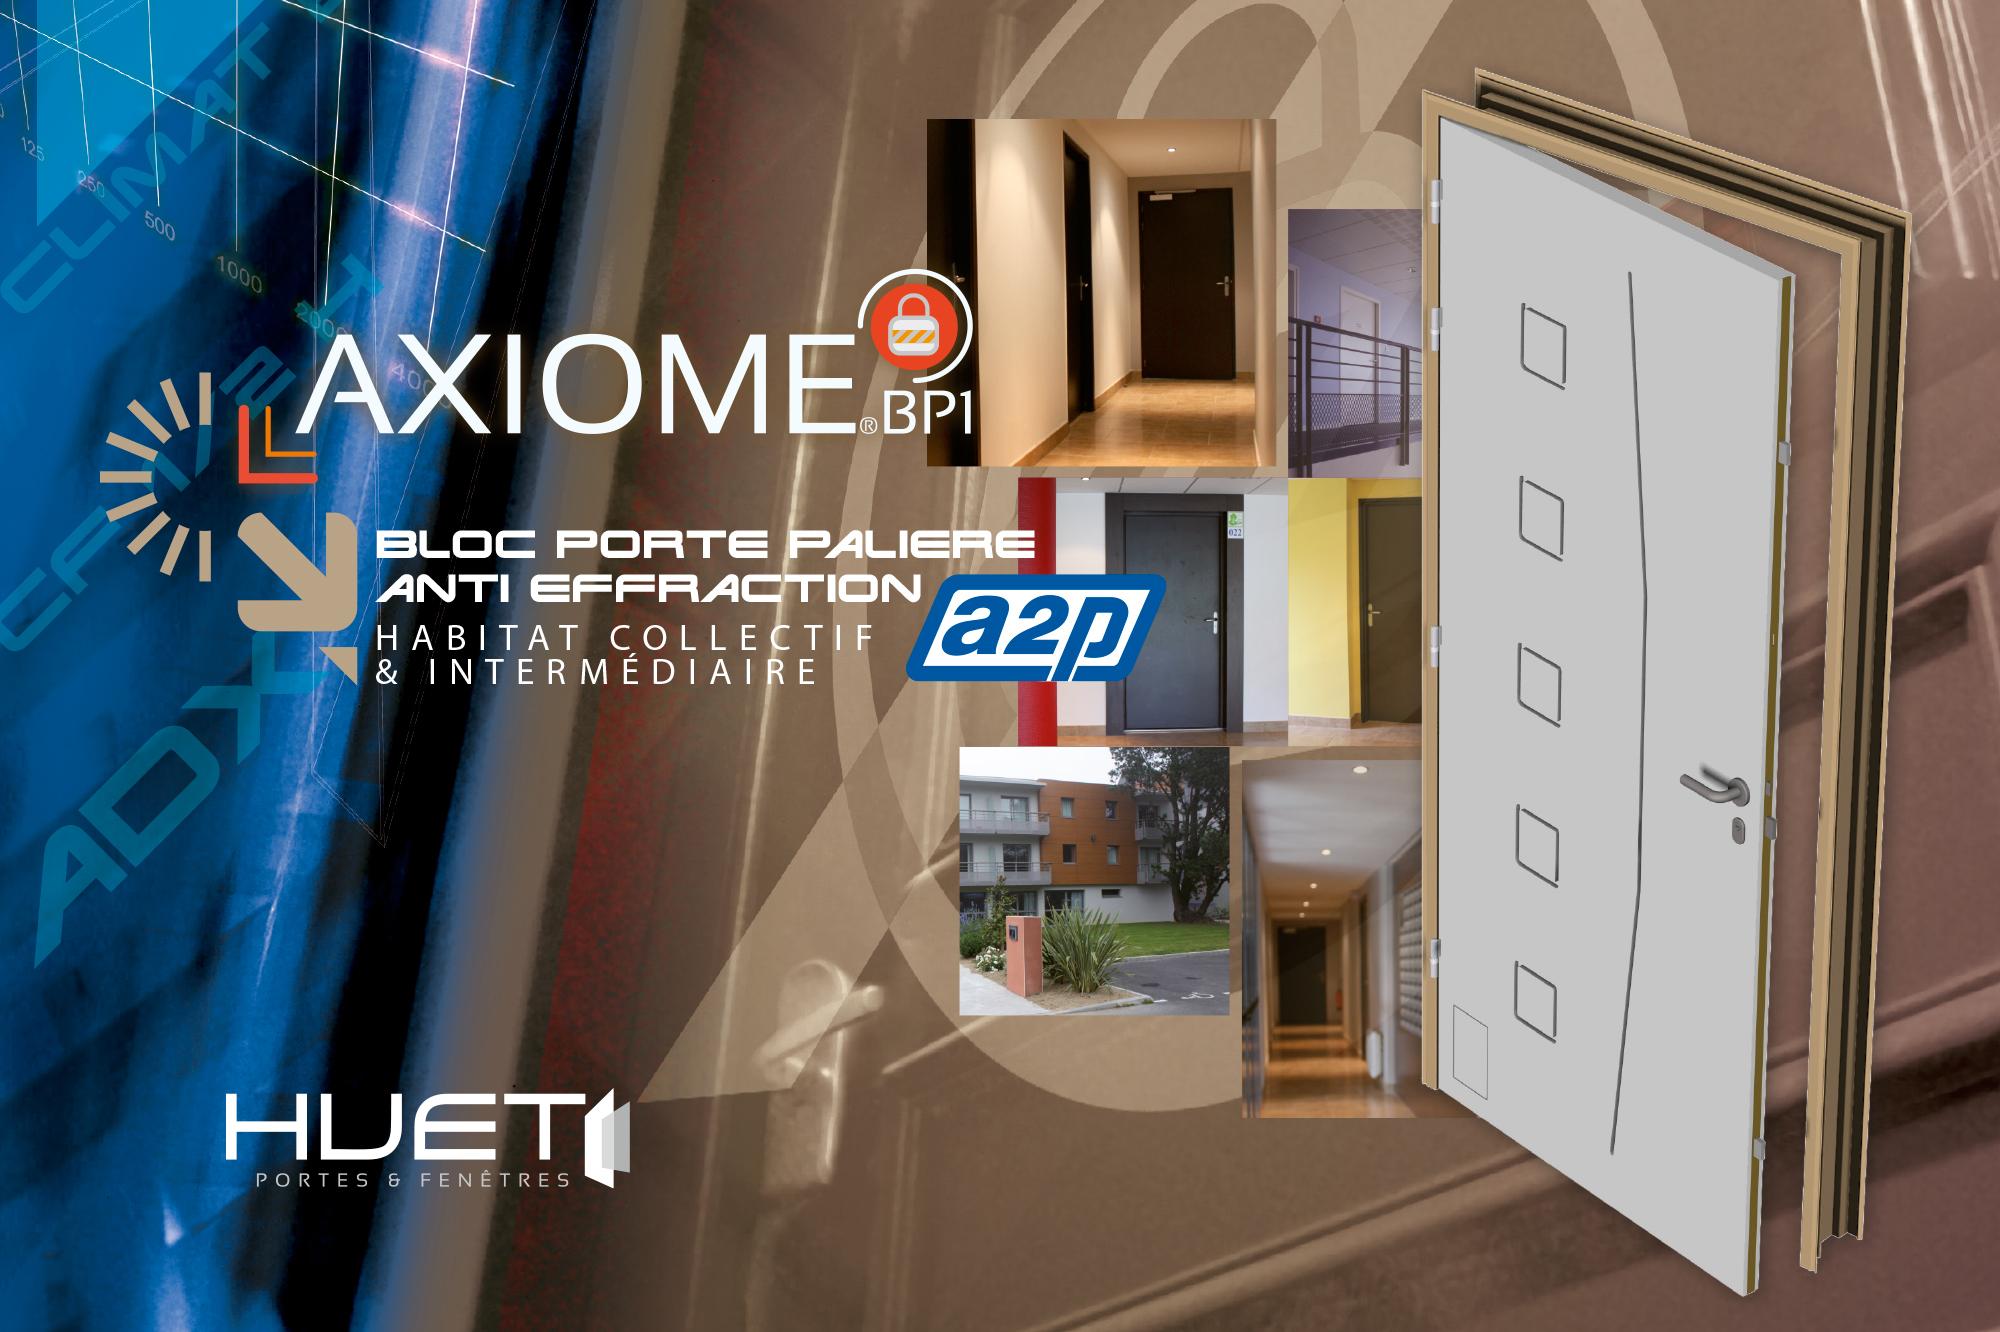 Axiome BP1